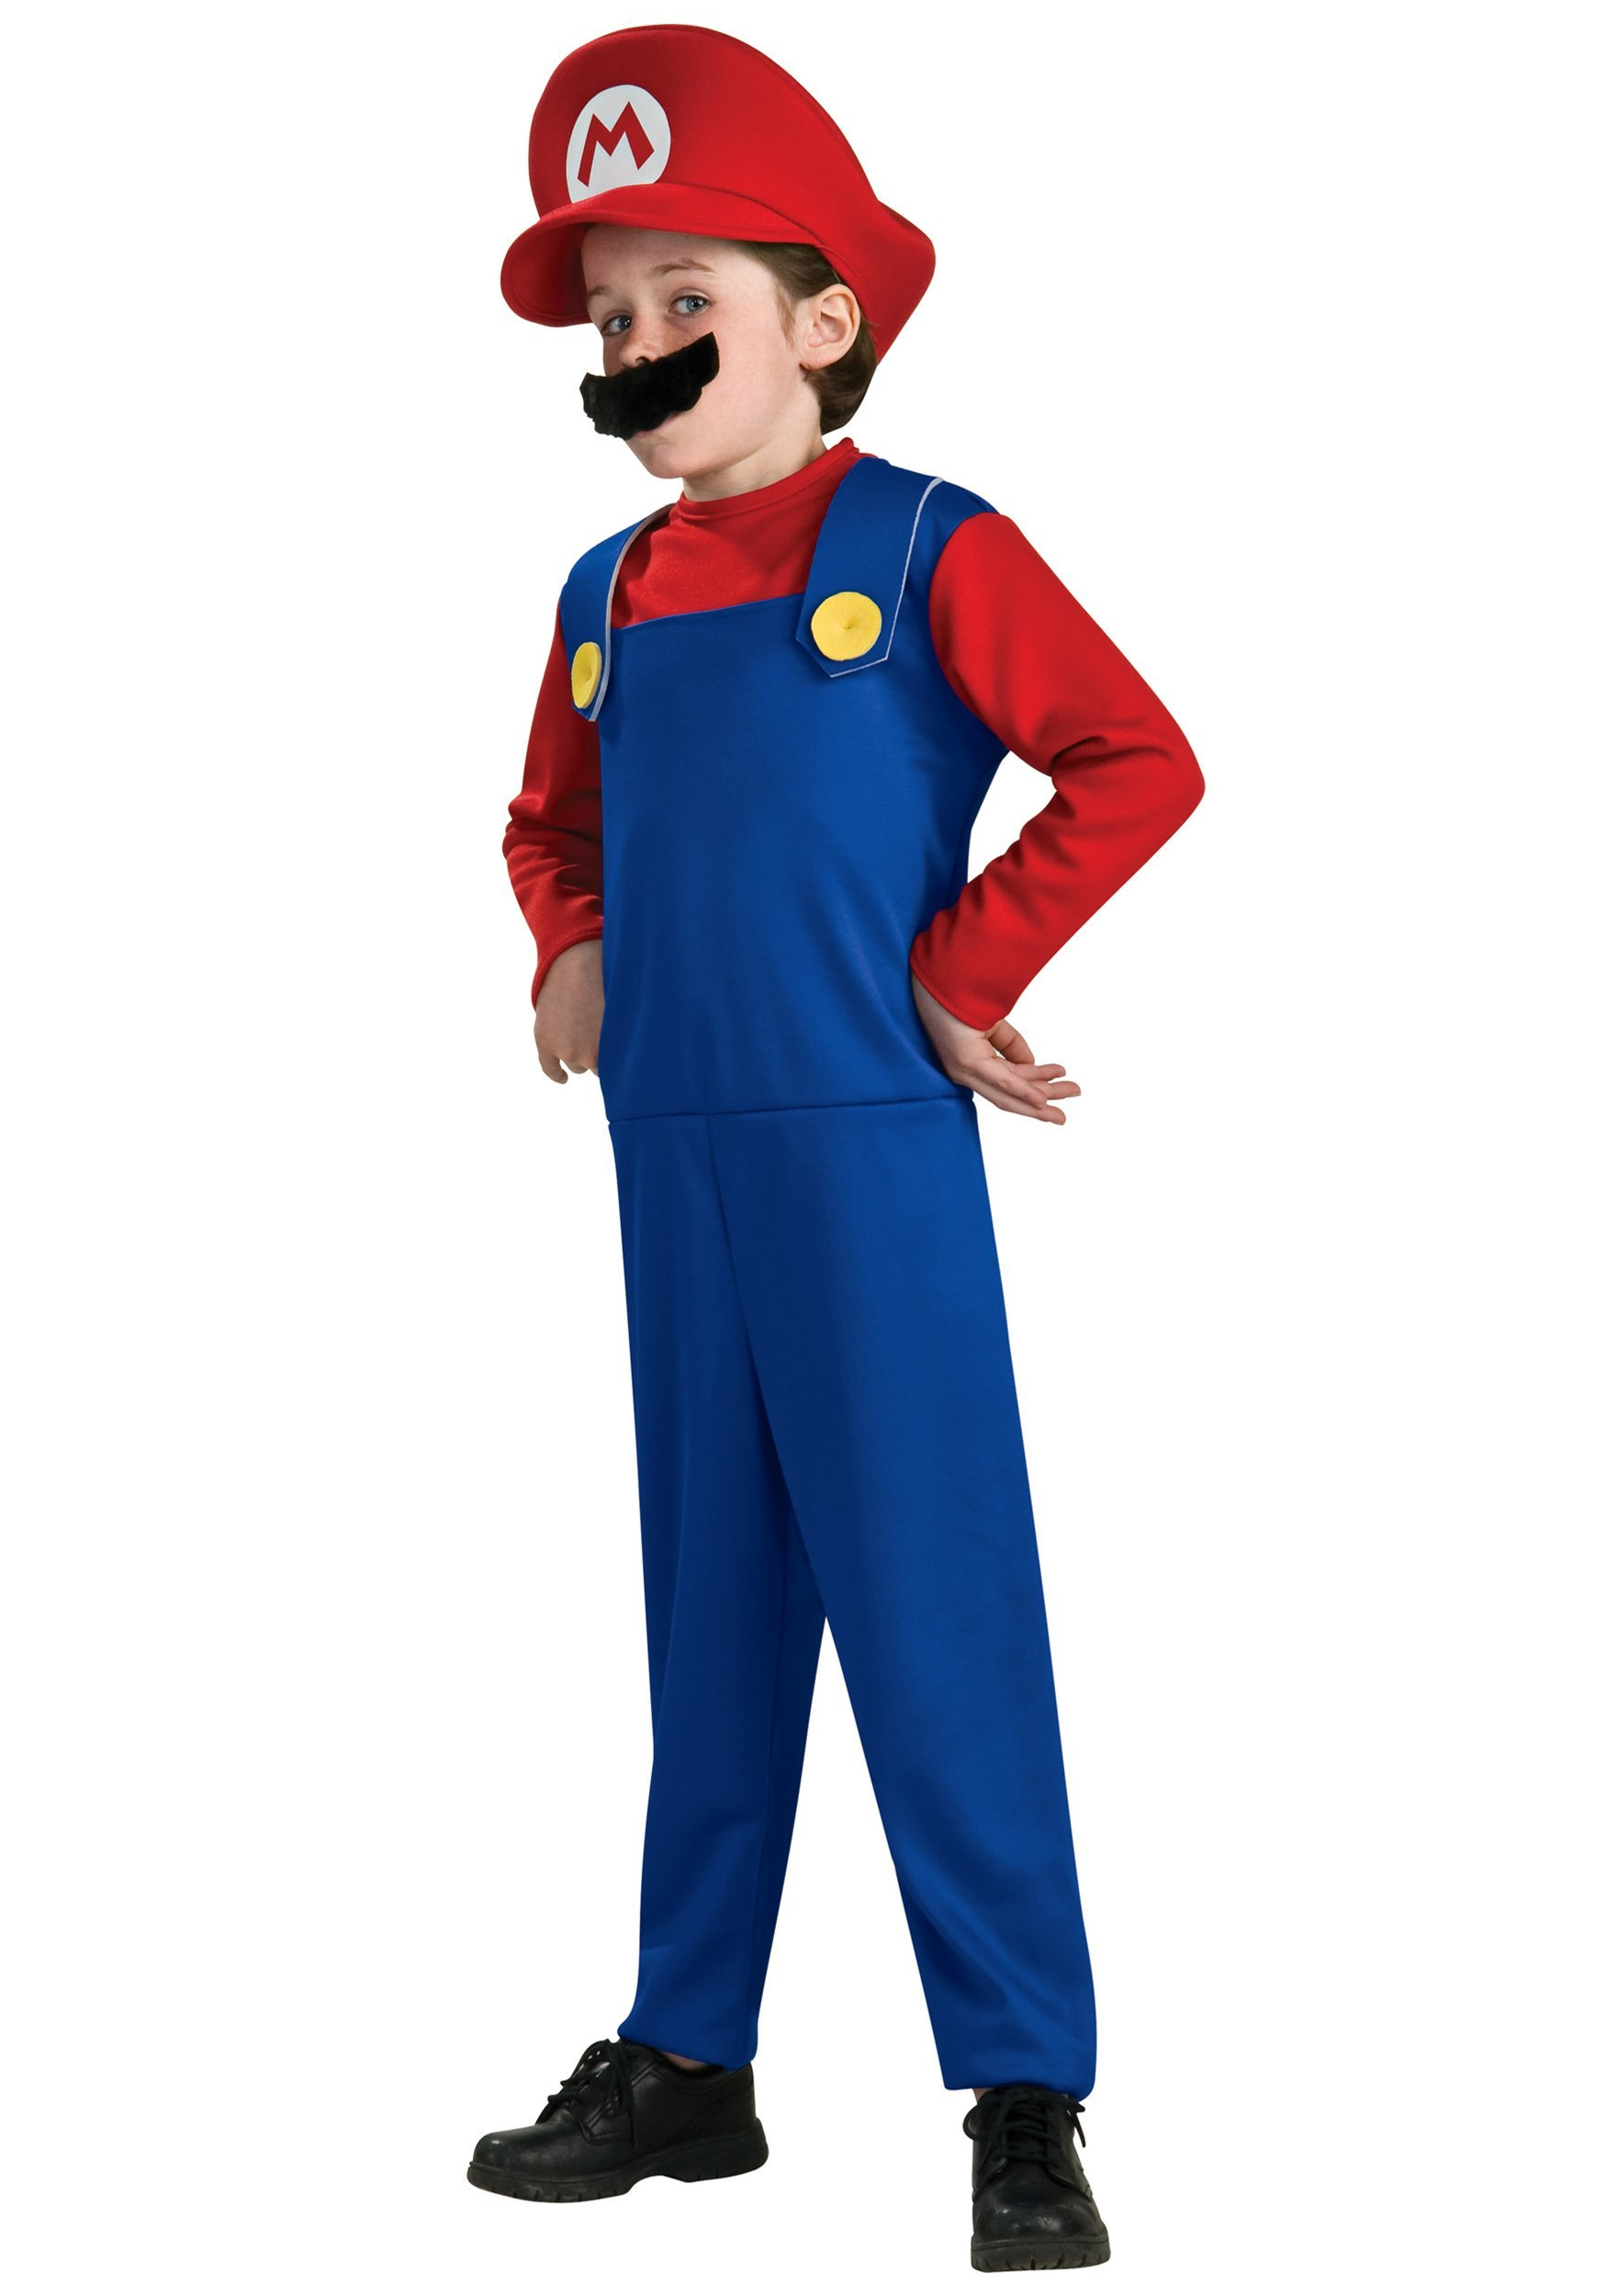 Mario Bros I-883653 - Disfraz de Mario Bros: Amazon.es: Juguetes y ...